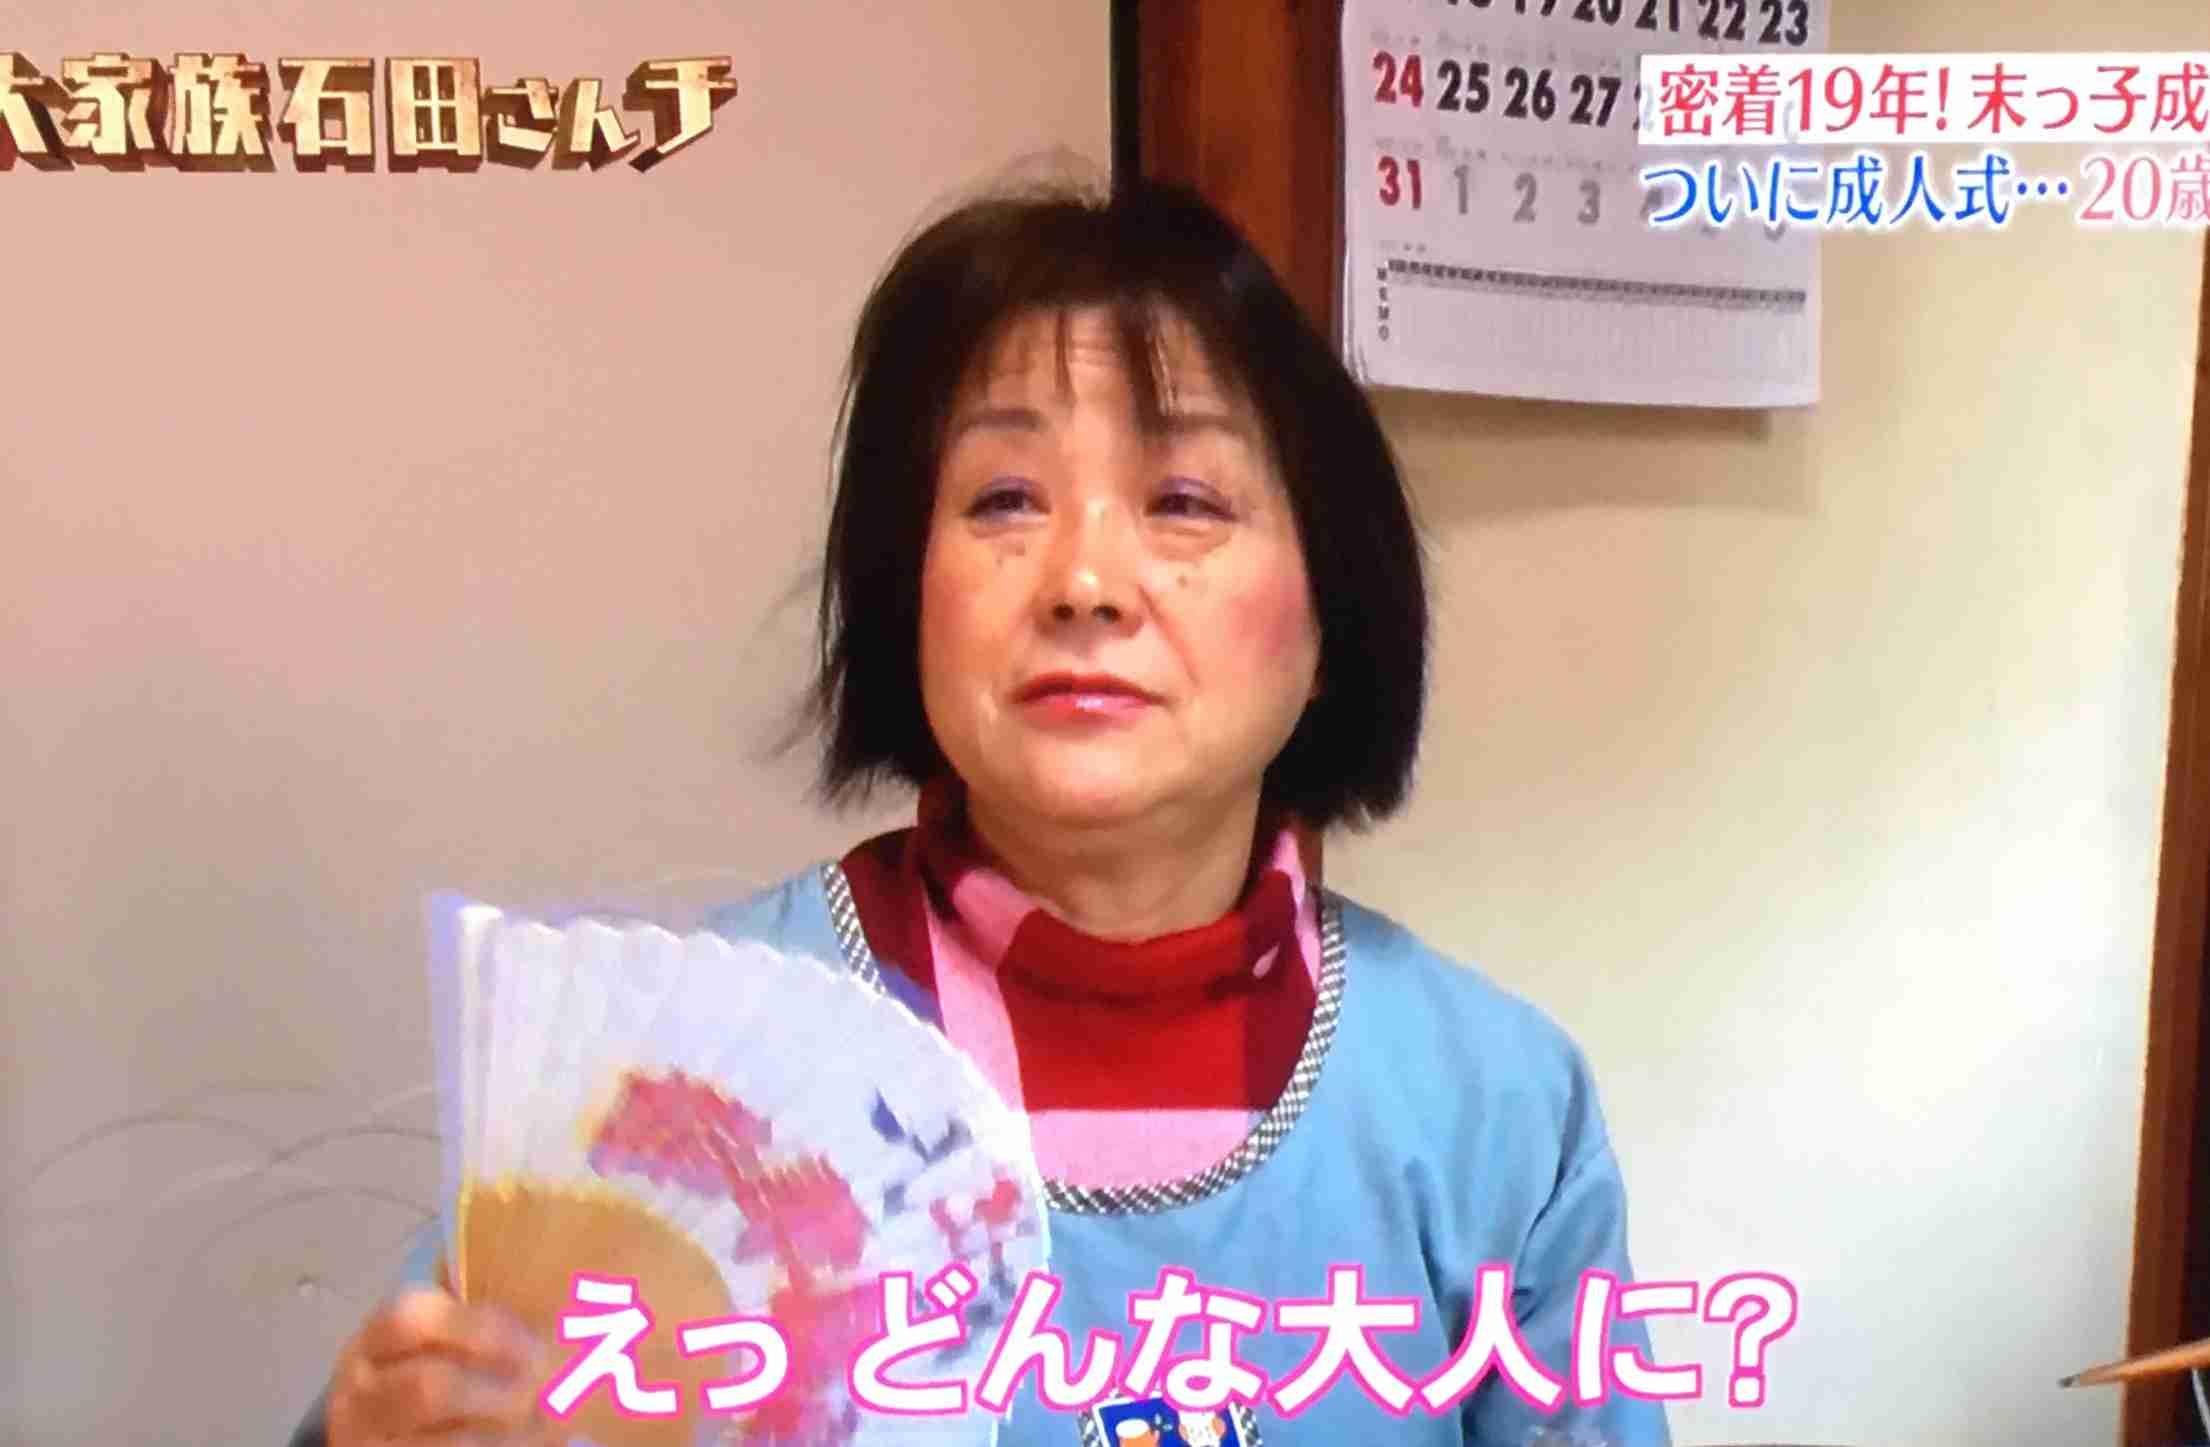 【実況&感想】大家族石田さんチ、密着19年「家族ってなんだ」SP